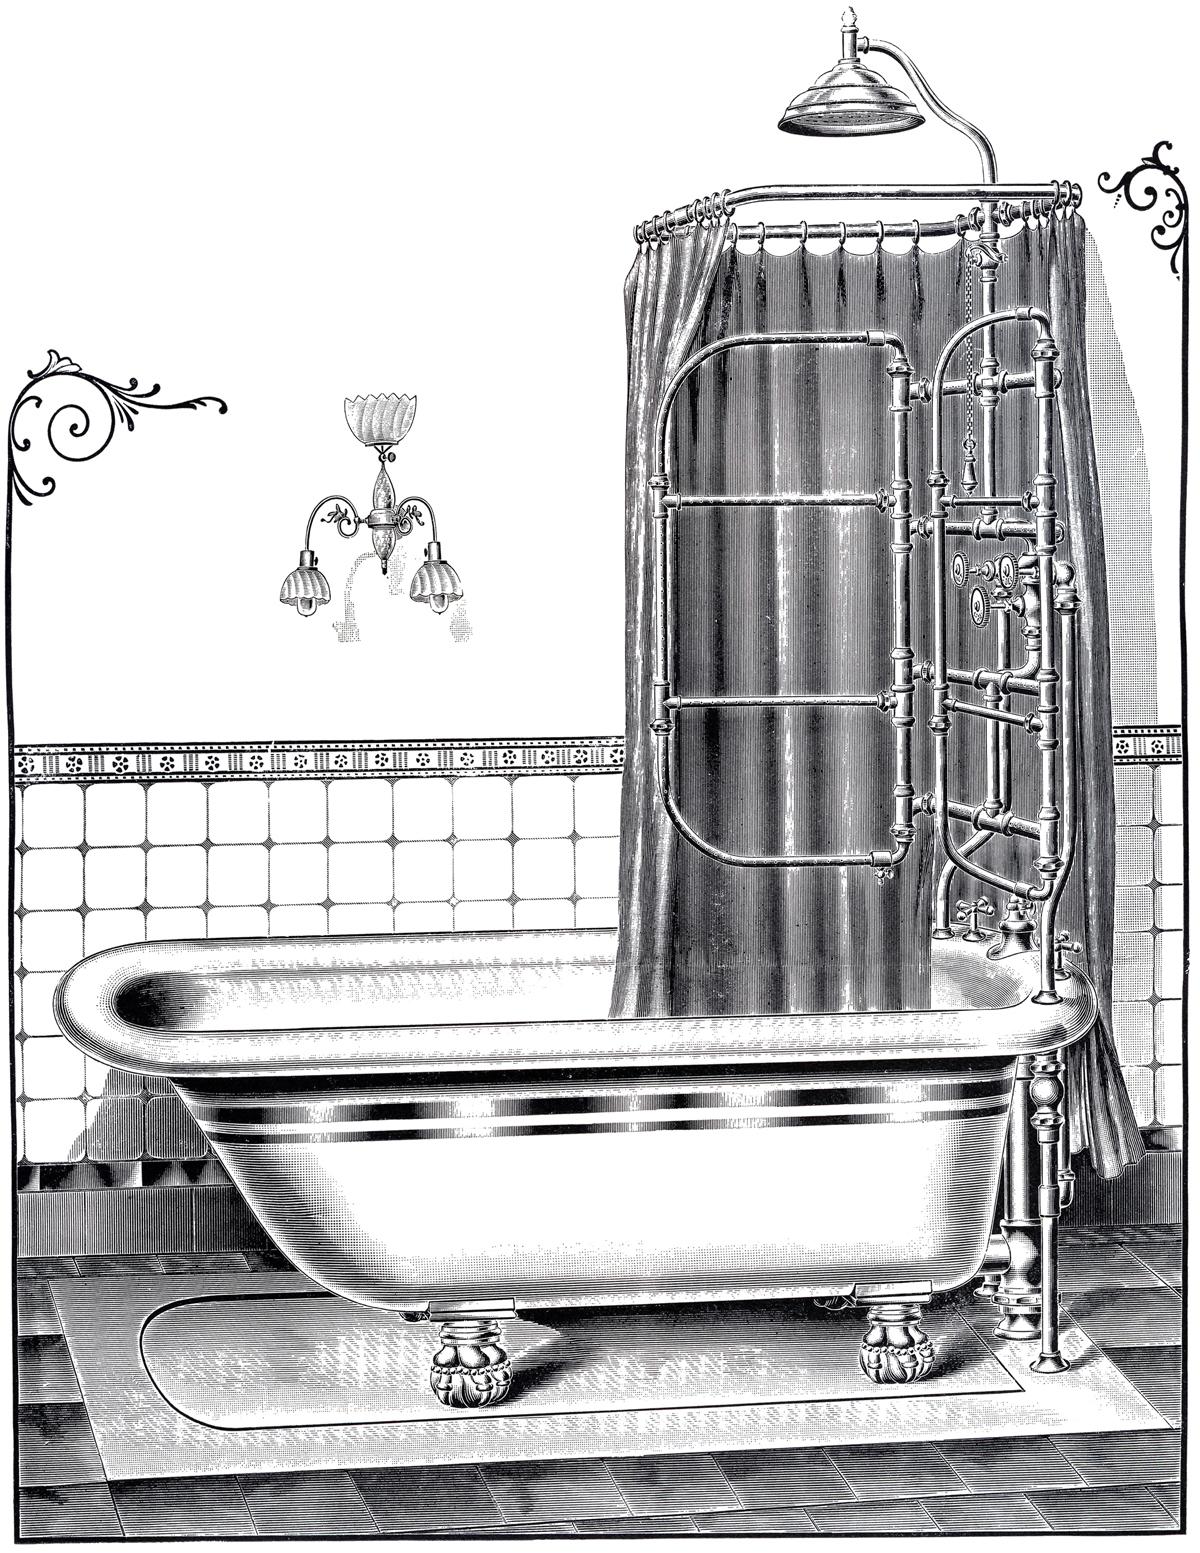 Bathtub clipart vintage The Vintage Printable Printable Bathtub